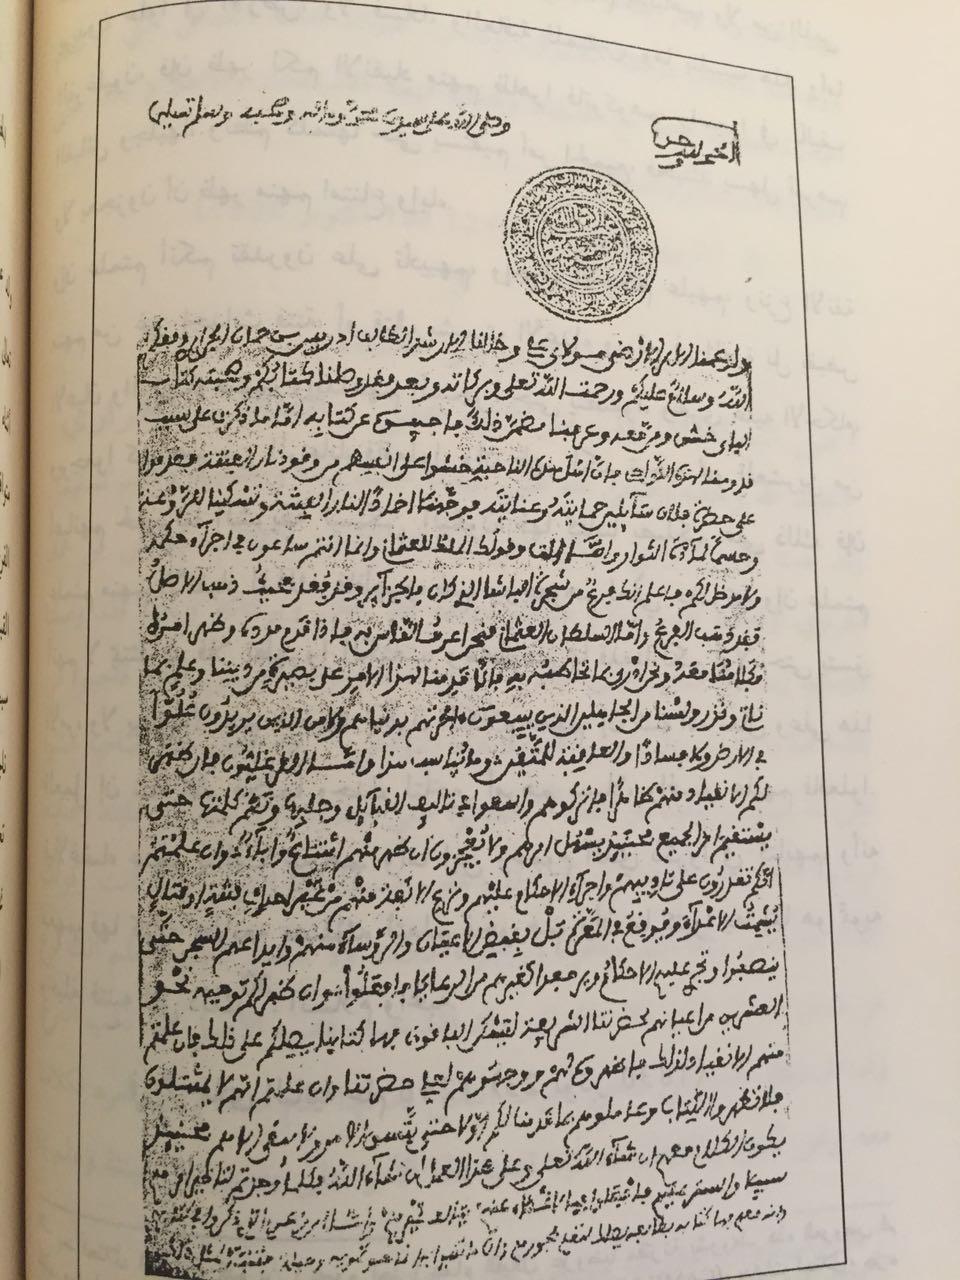 السلطان المغربي يحدد شروط بيعة ساكنة مدينة تلمسان والقبائل الجزائرية